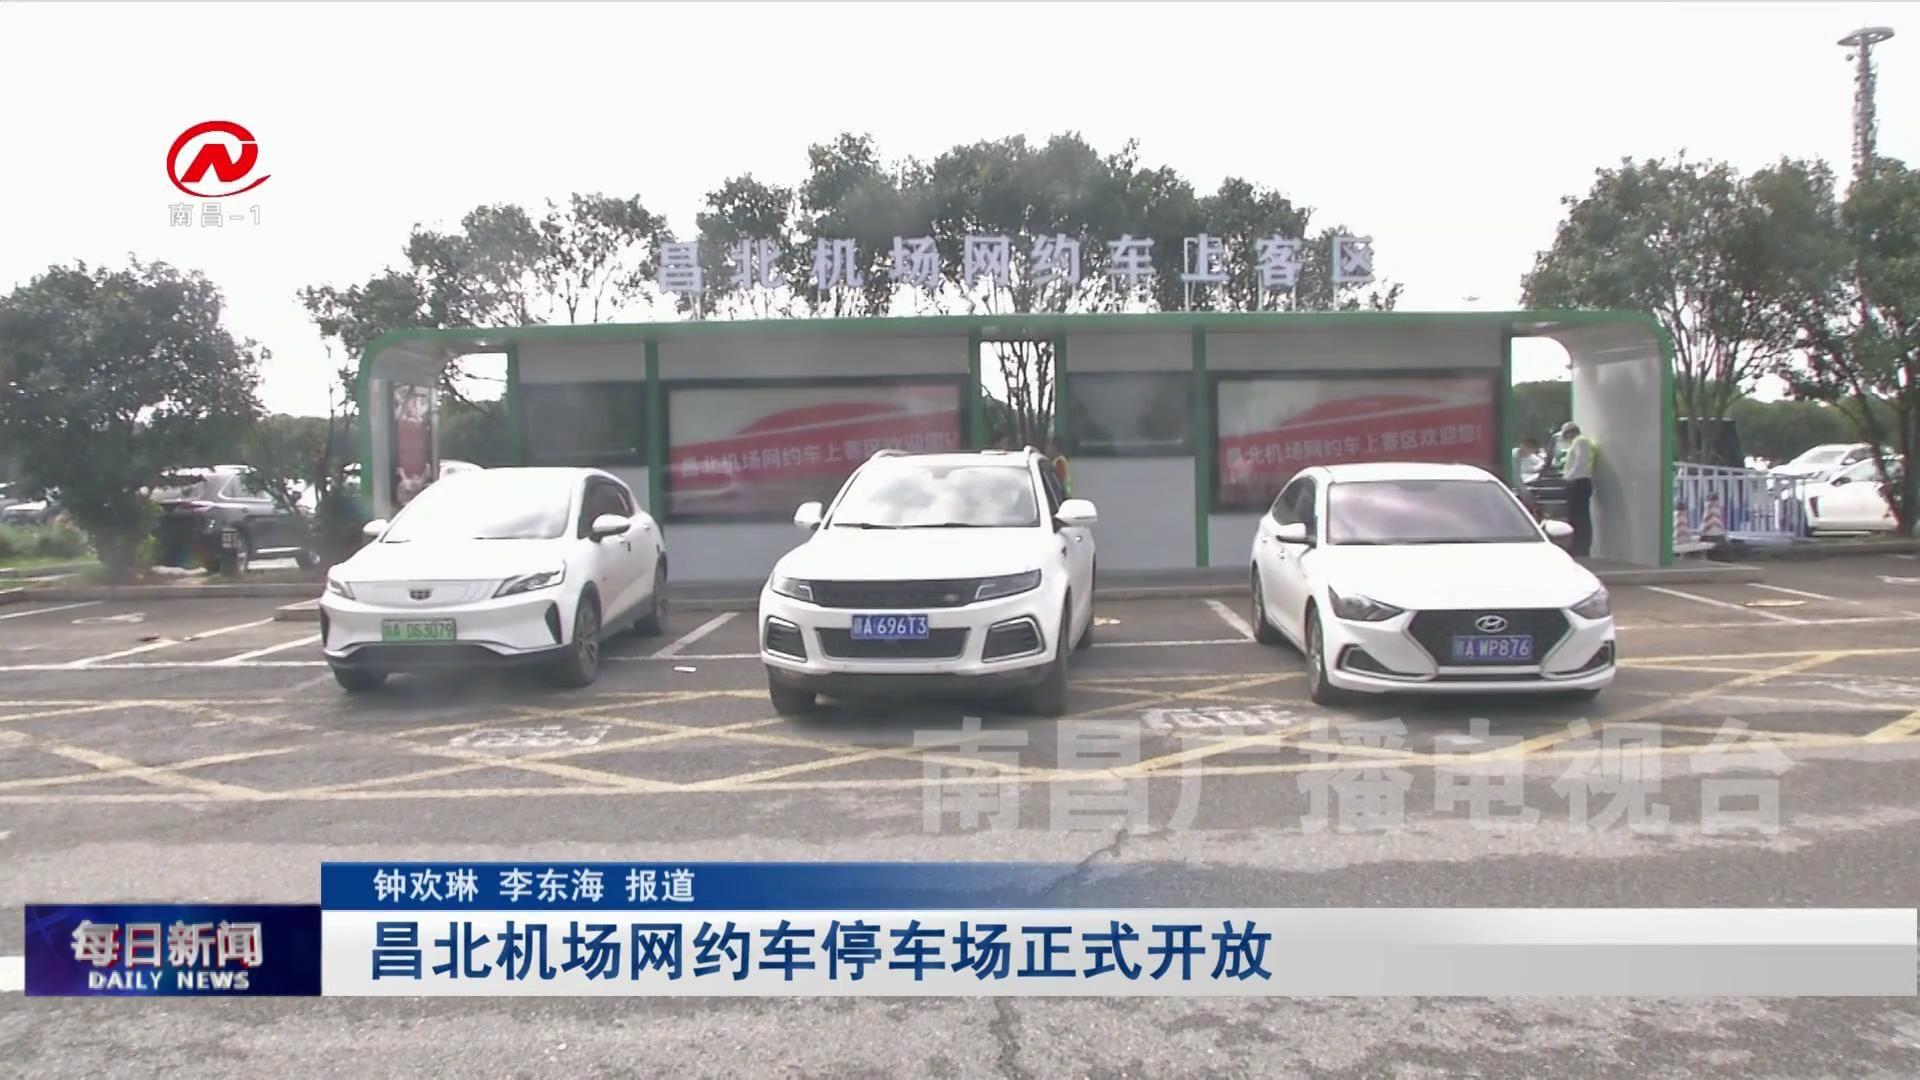 昌北机场网约车停车场正式开放